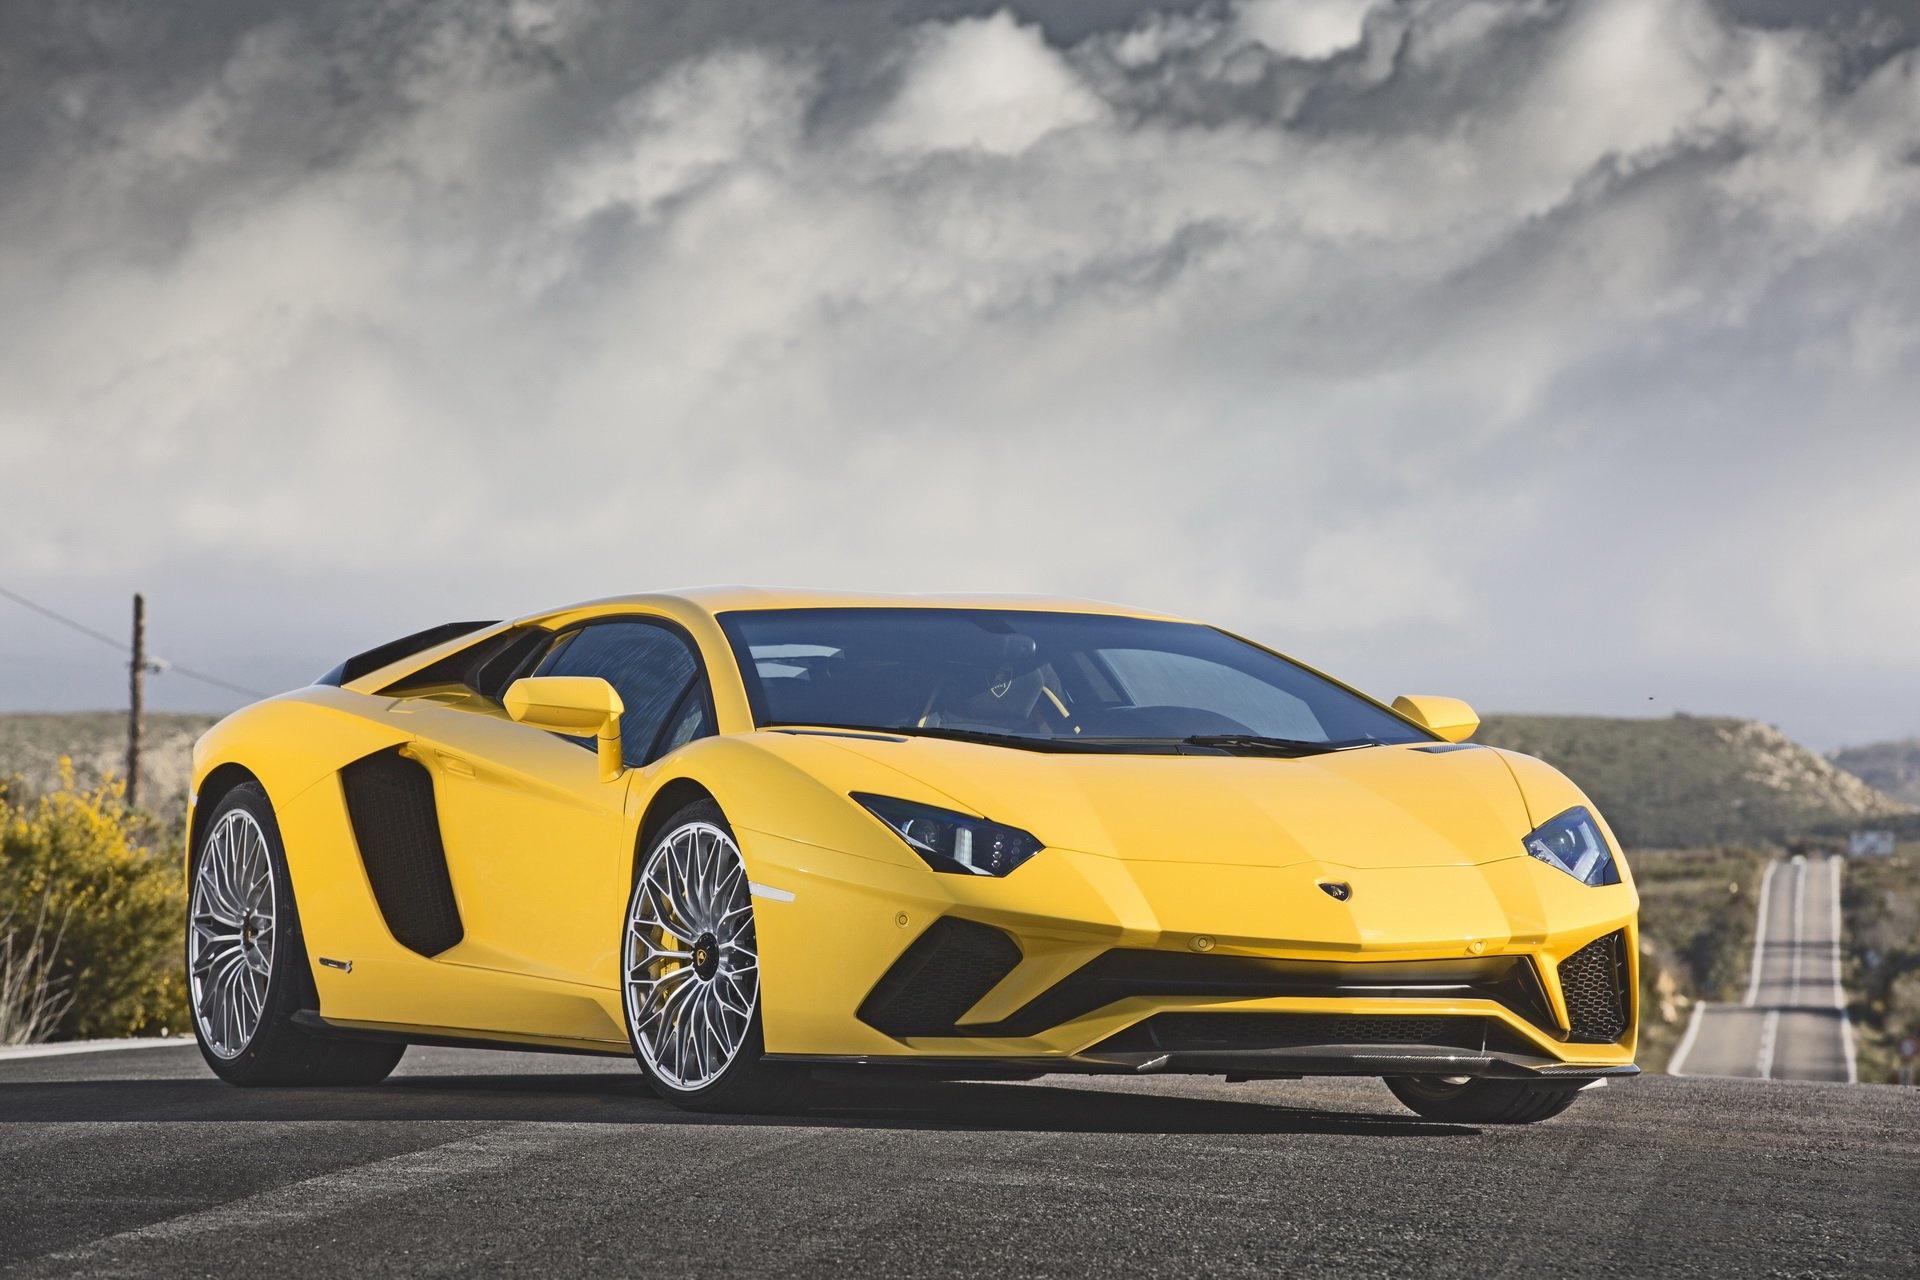 Những siêu xe được tìm kiếm nhiều nhất trên Google Audi R8, Bugatti Veyron, Lamborghini Huracan, Ford GT, Ferrari 458